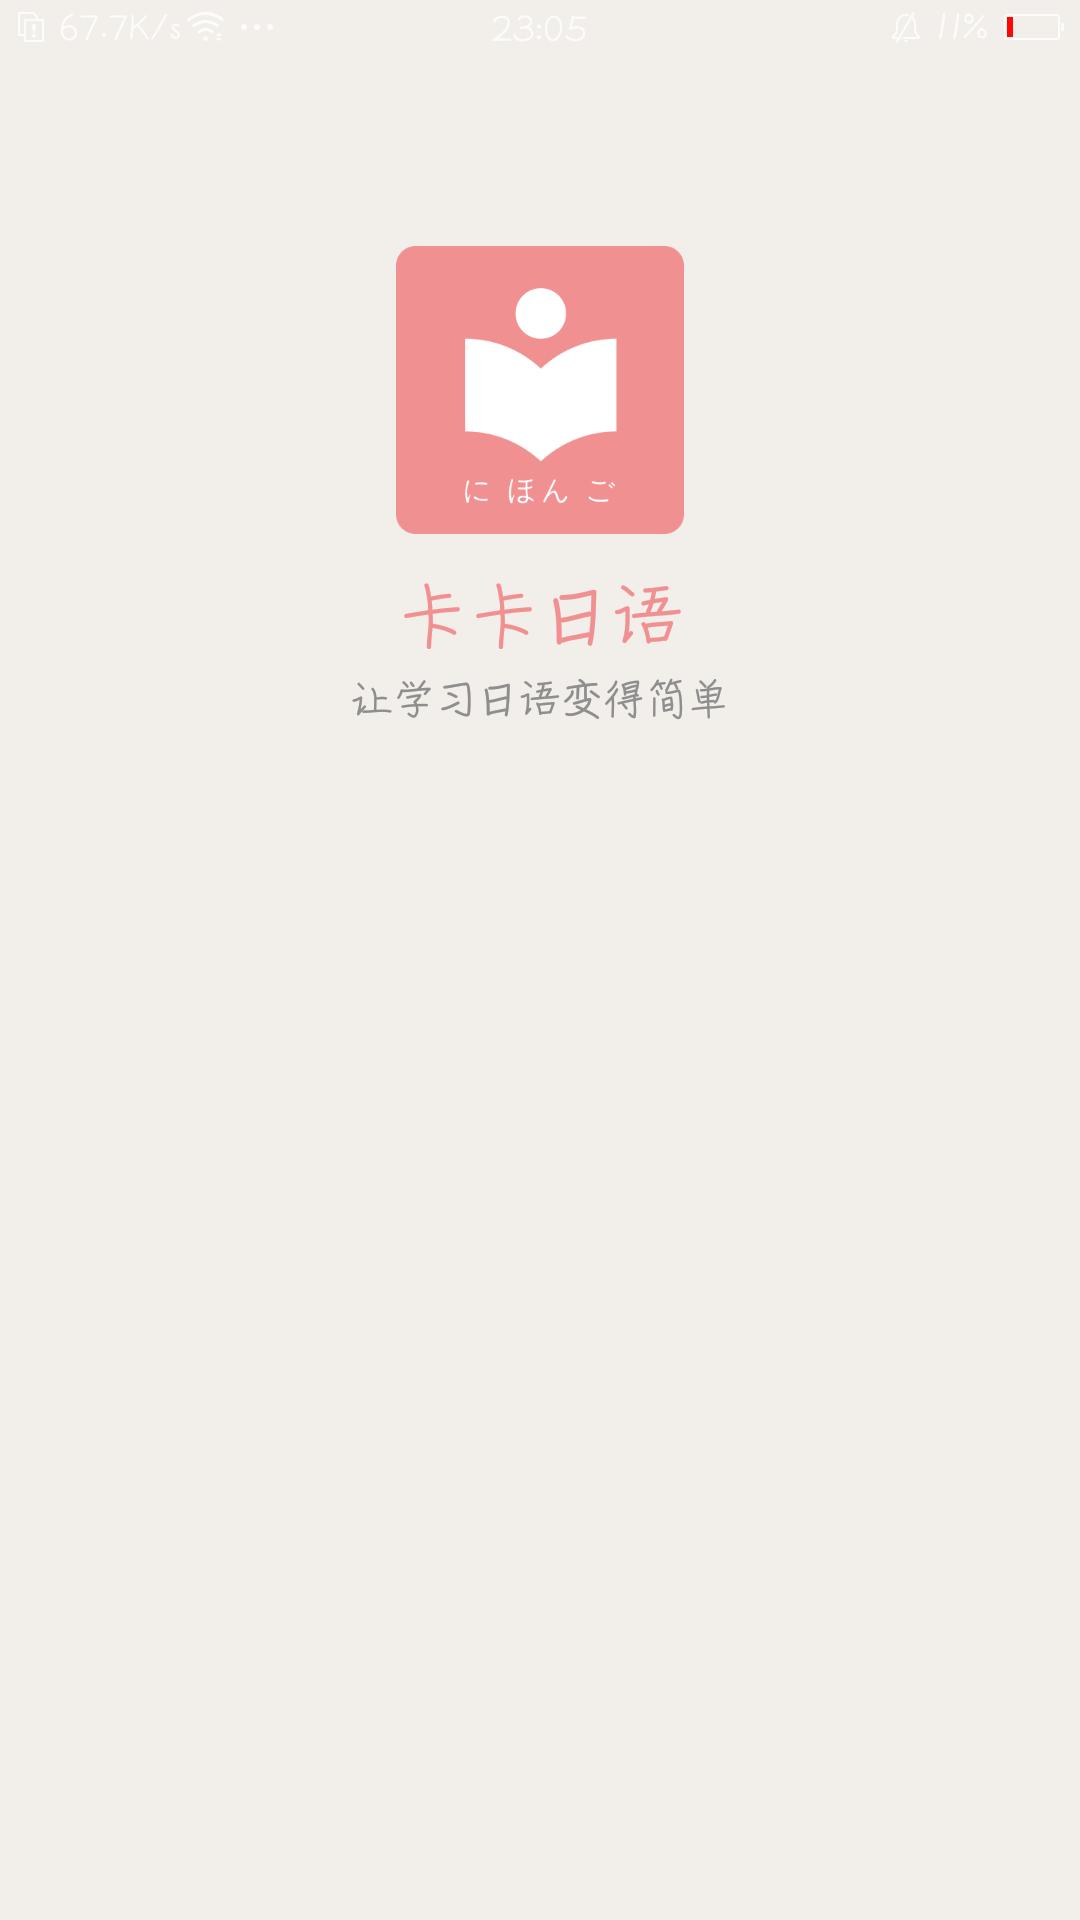 【分享】卡卡日语-爱小助